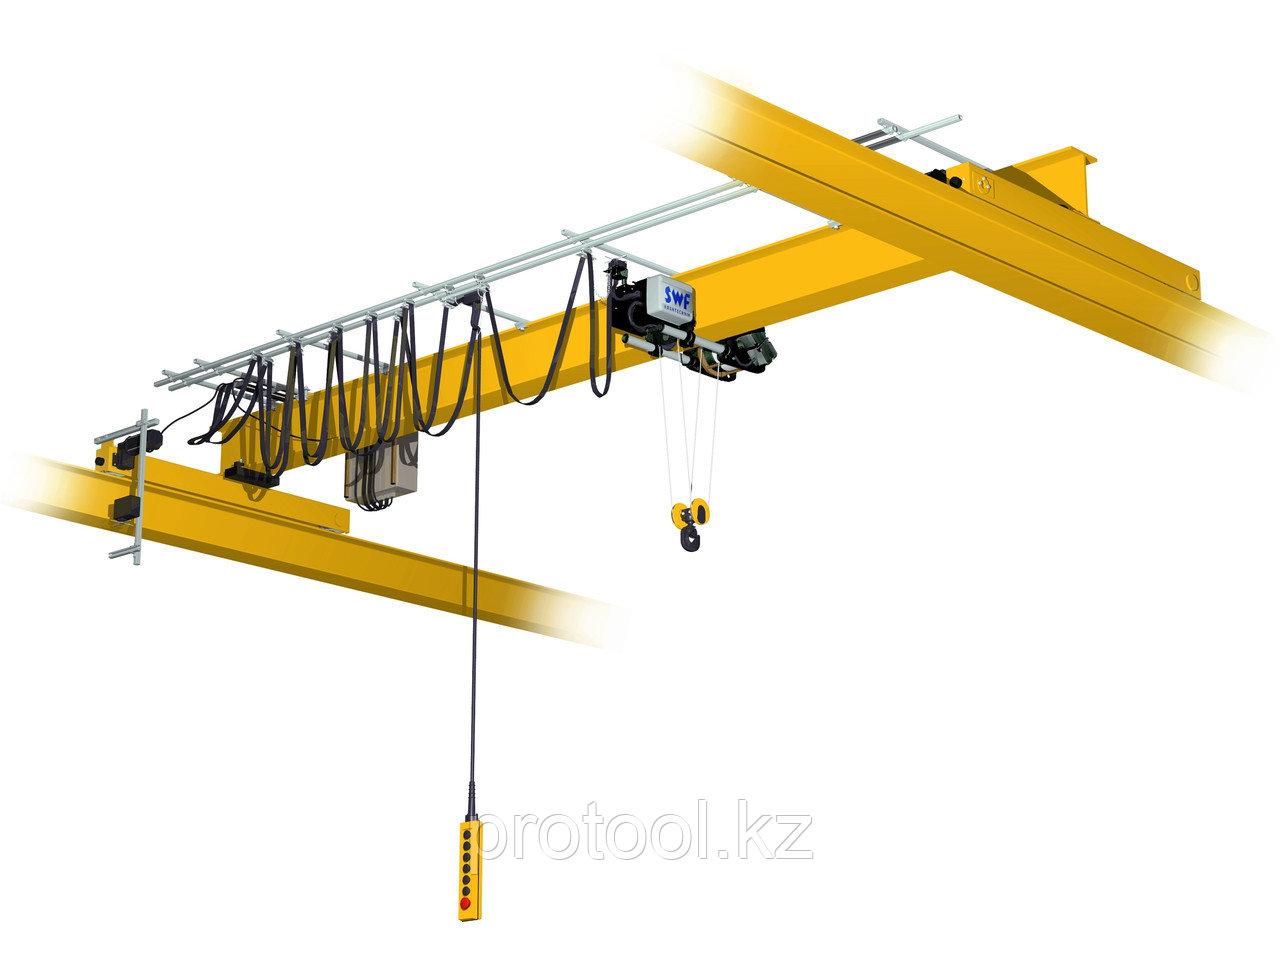 Кран мостовой однобалочный опорный однопролётный г/п 2 т пролет 9,0 м